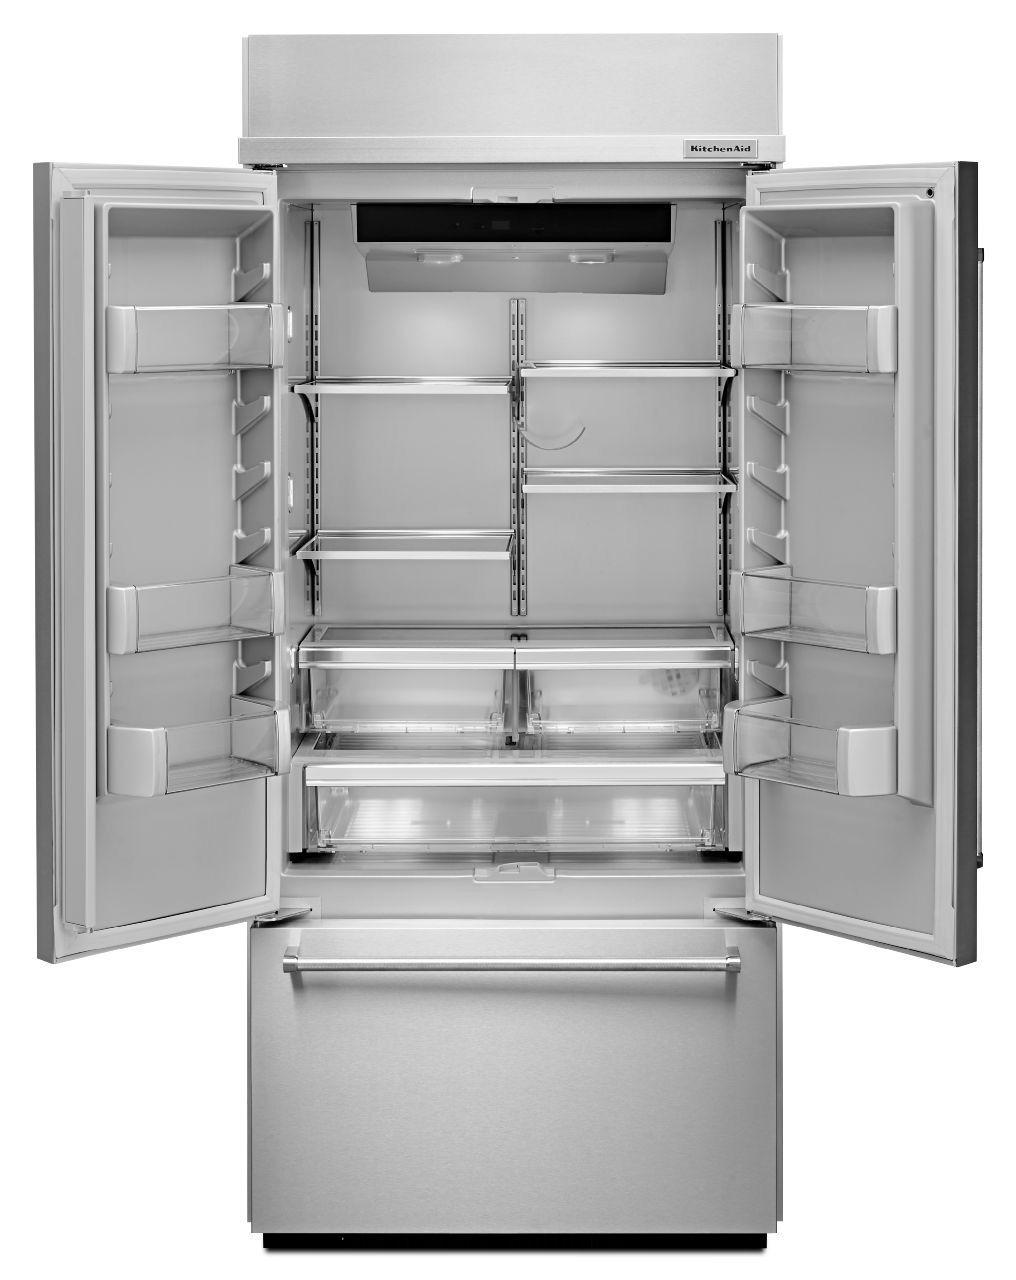 KitchenAid 20.8 Cu. Ft. Built-In Refrigerator -KBFN506ESS